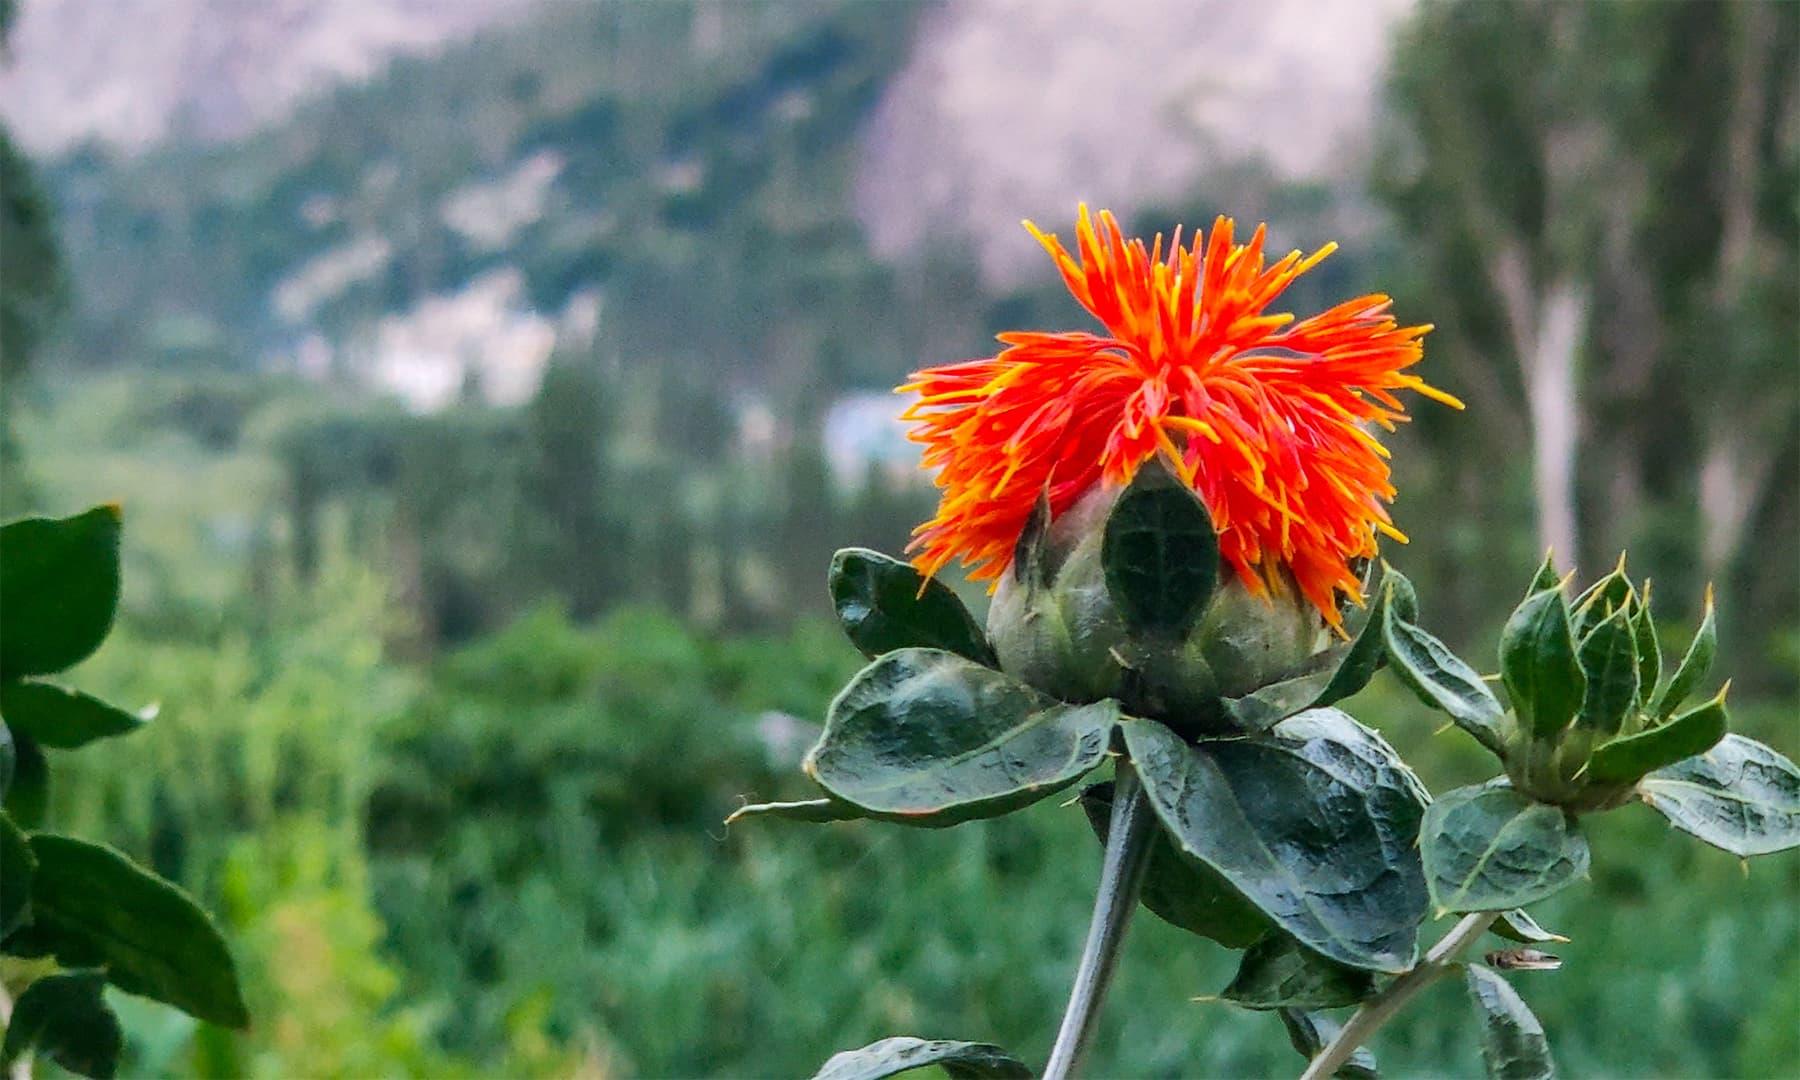 زعفران کو بلتستان میں عموماً قہوہ میں استعمال کیا جاتا ہے